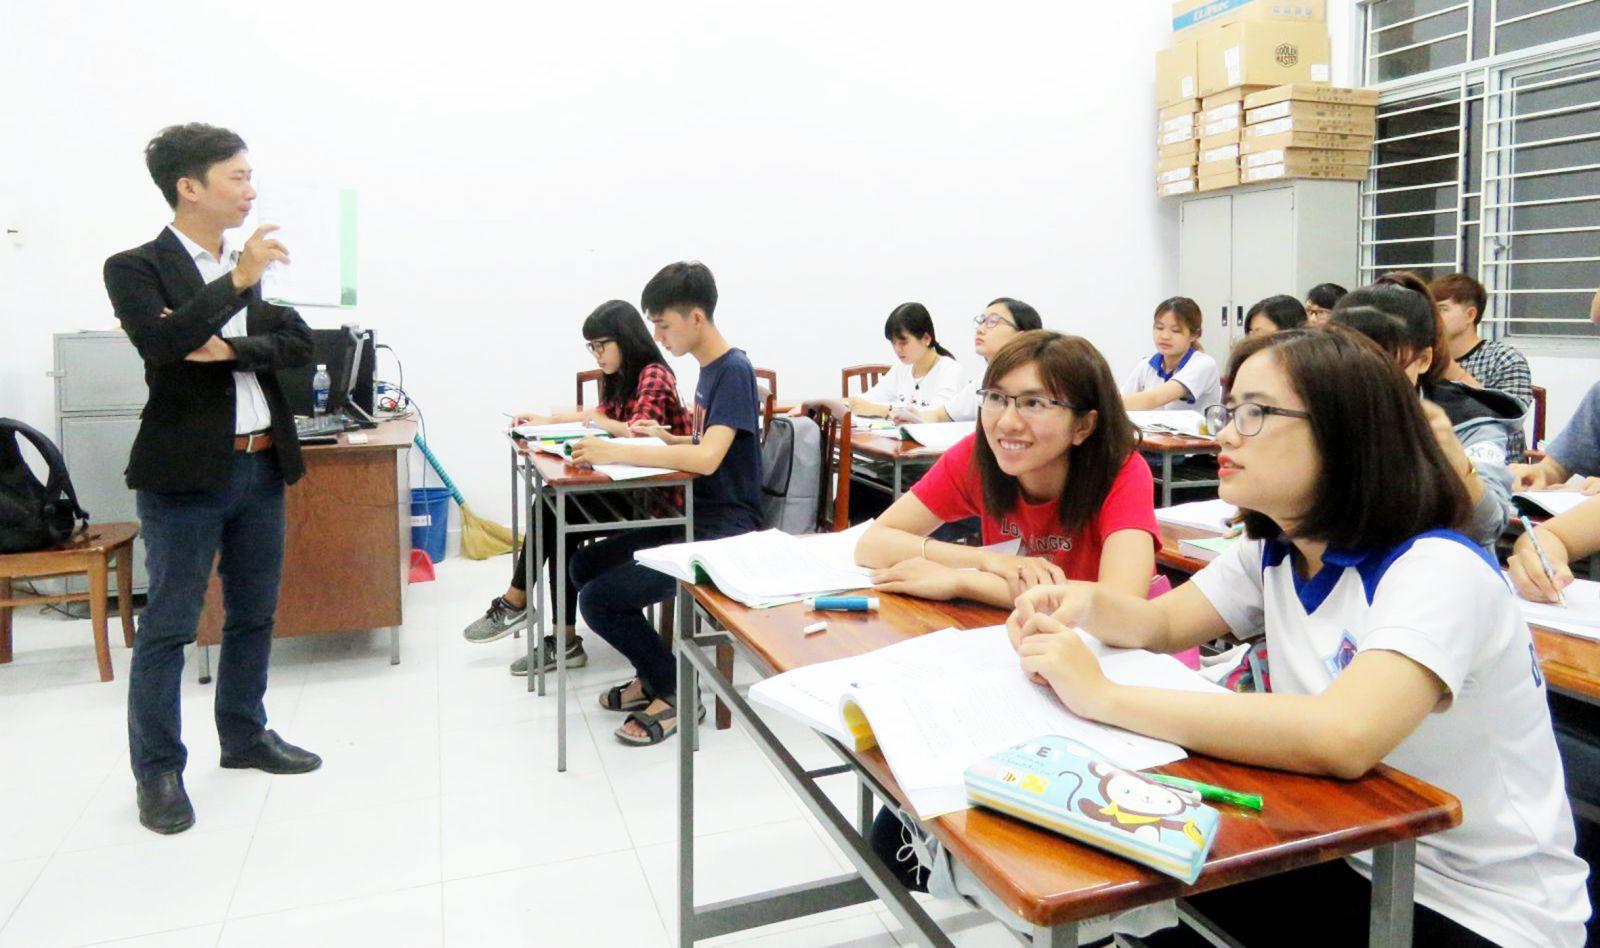 Hợp tác quốc tế -  góp phần nâng cao vị thế của  cơ sở giáo dục đại học, cao đẳng